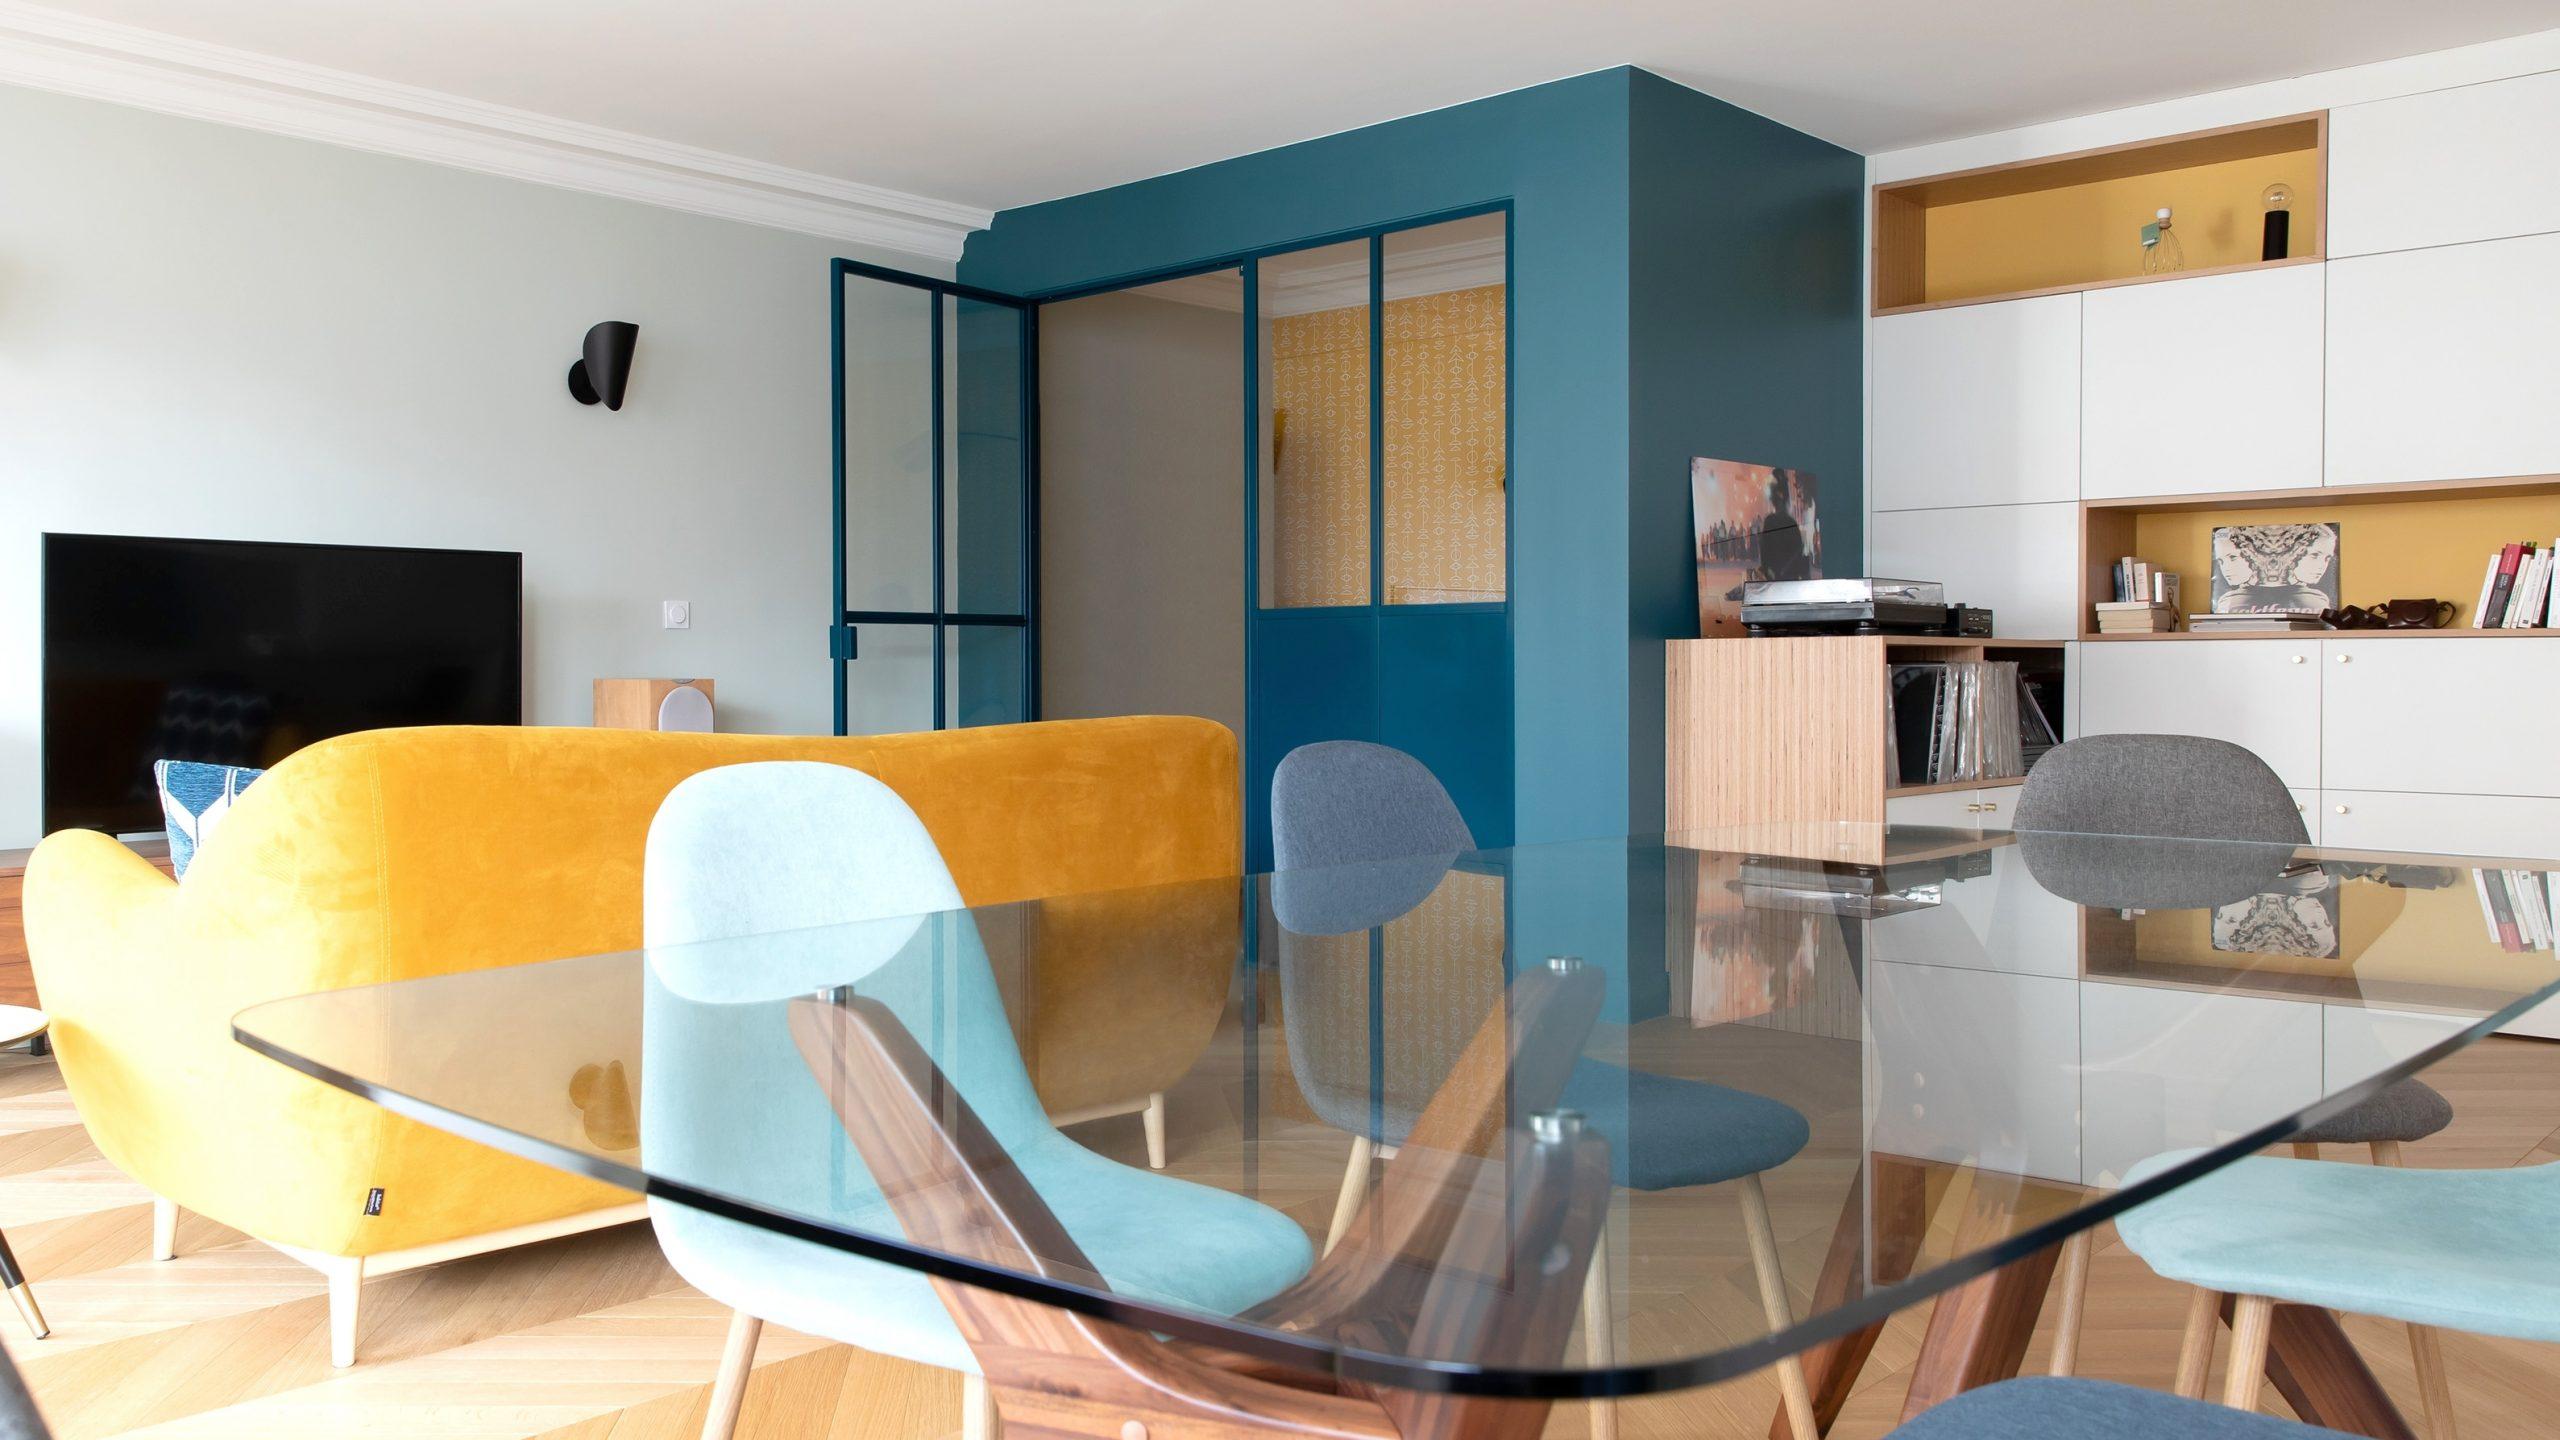 Vue de l'ensemble de l'espace salon / salle à manger du projet Paris 16 avec l'alcôve bureau vitrée bleue et son papier peint jaune en résonance avec le canapé jaune.